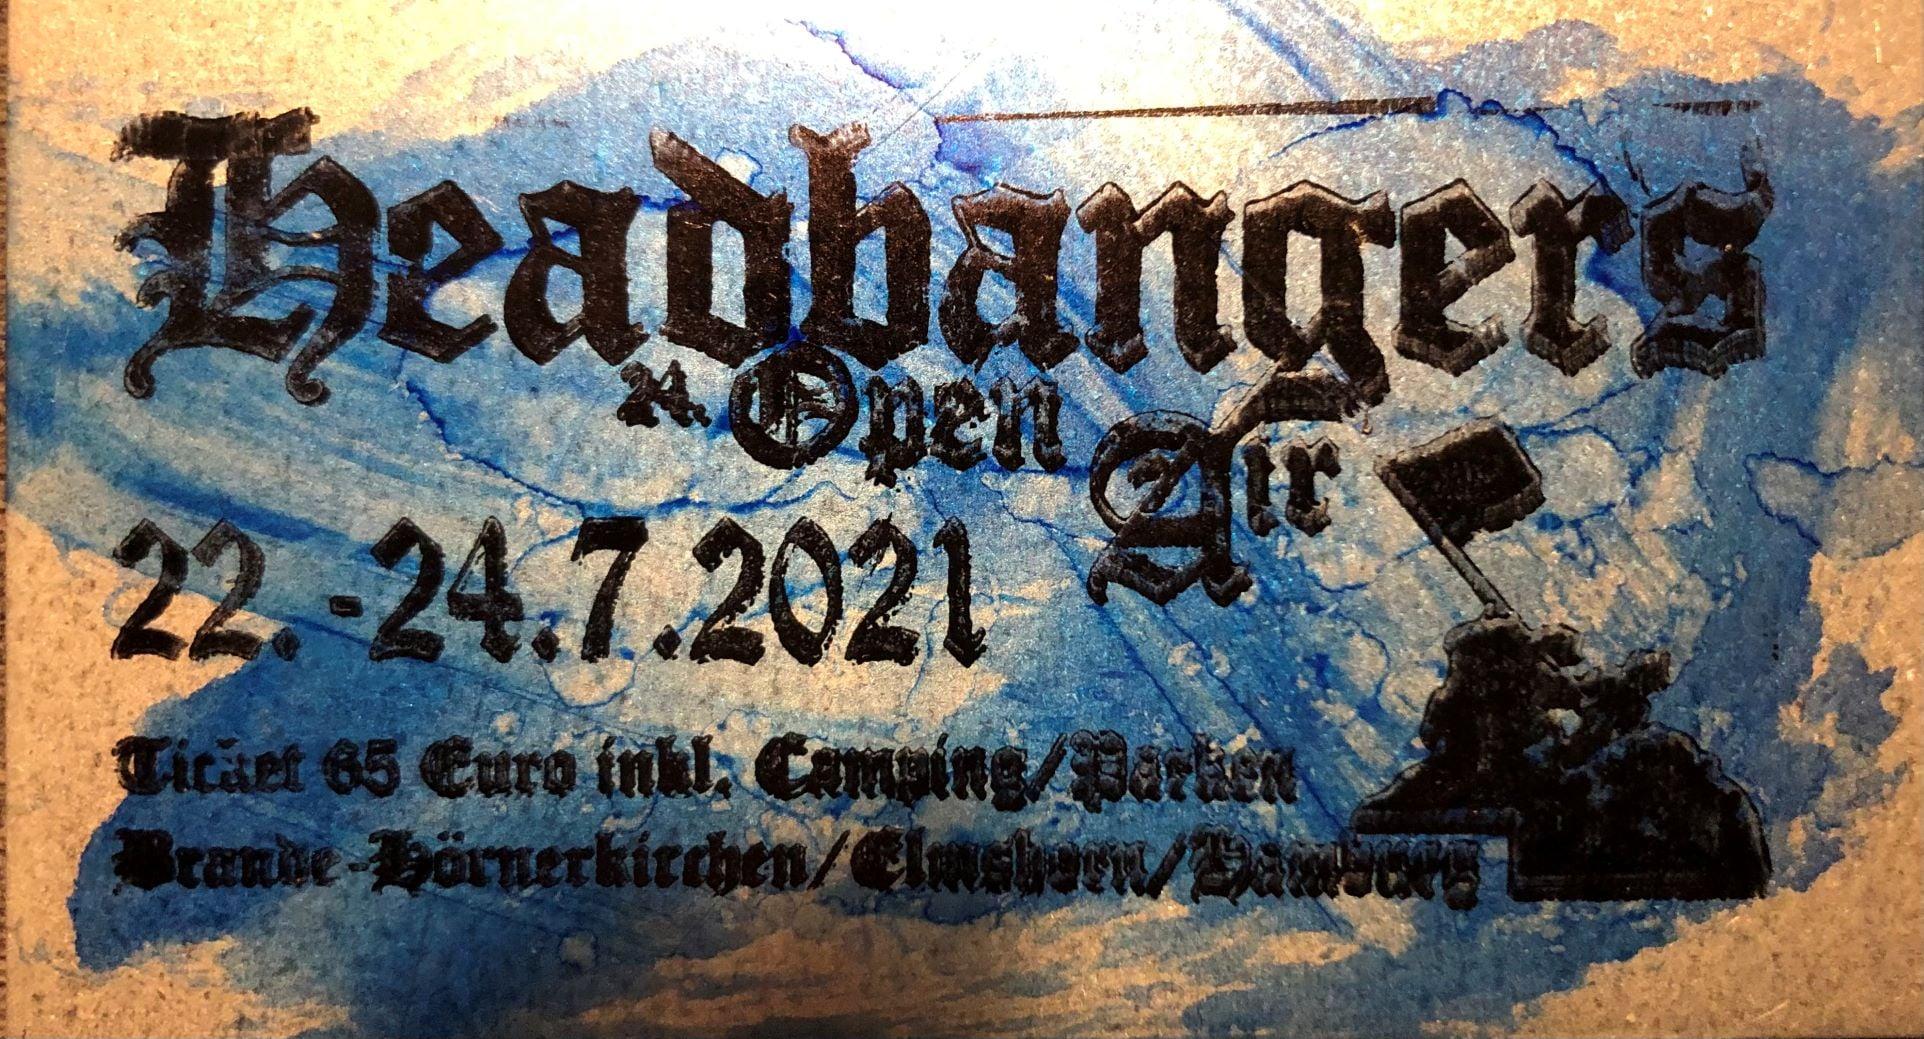 headbangers open air 2021